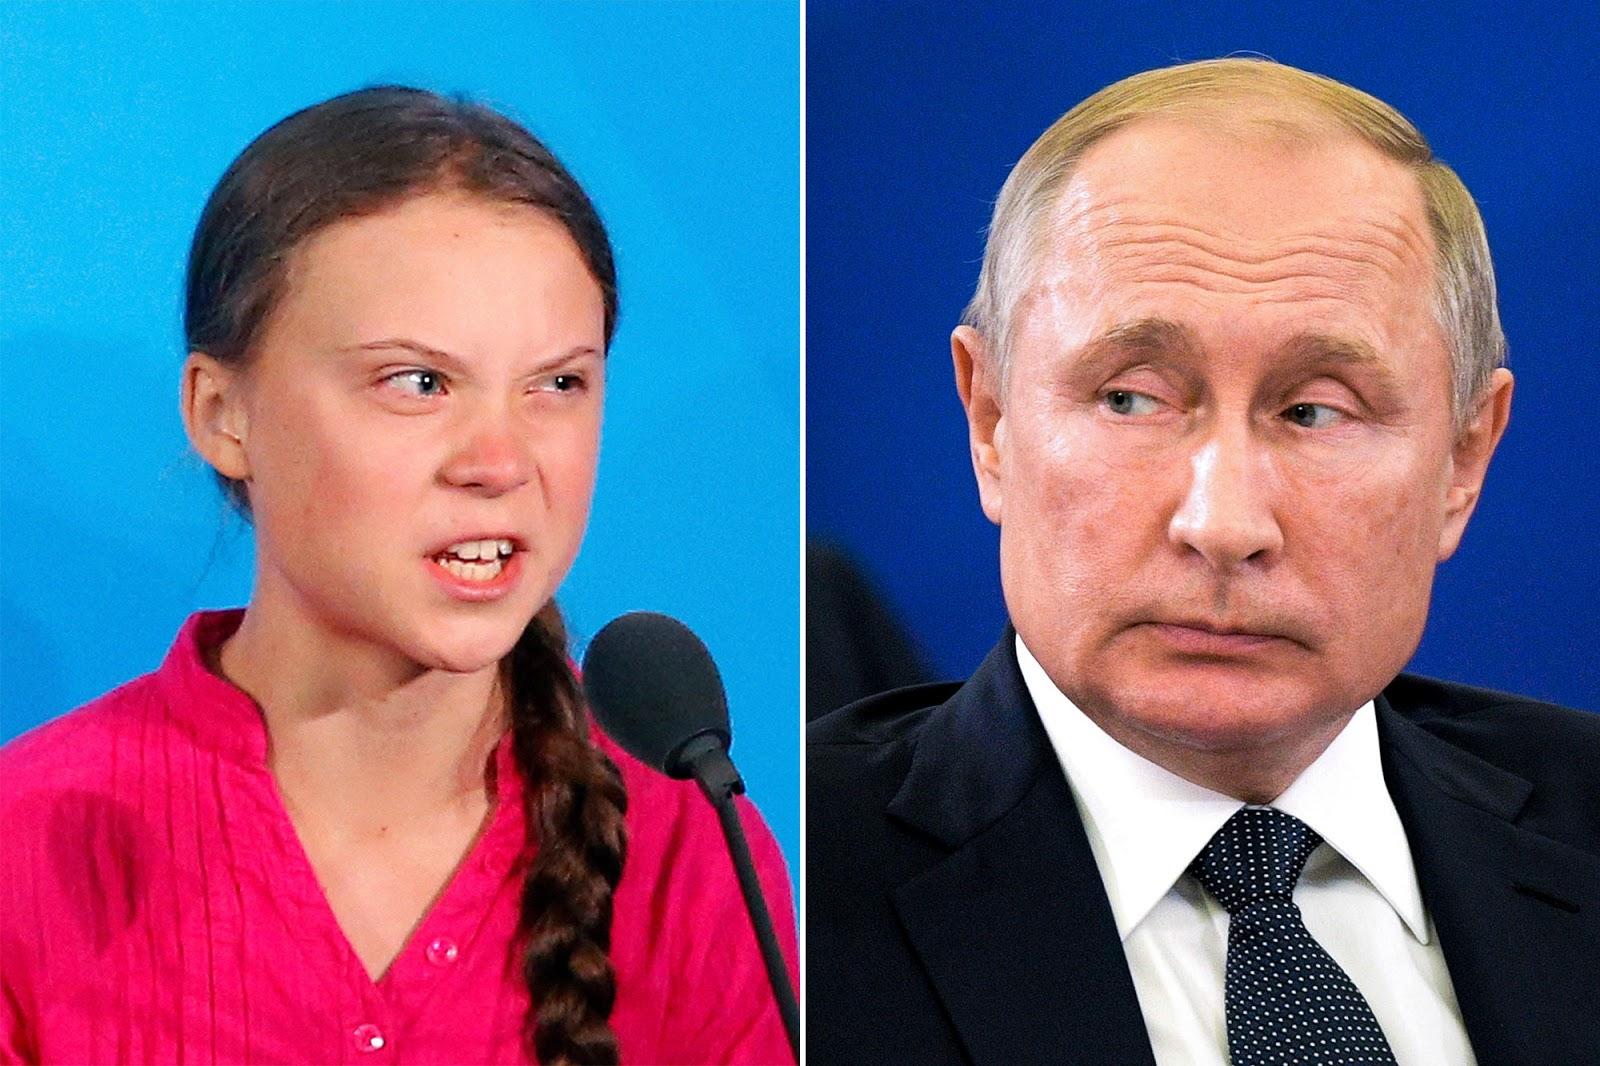 Greta Thunberg cambia il suo profilo dopo le parole di Vladimir Putin